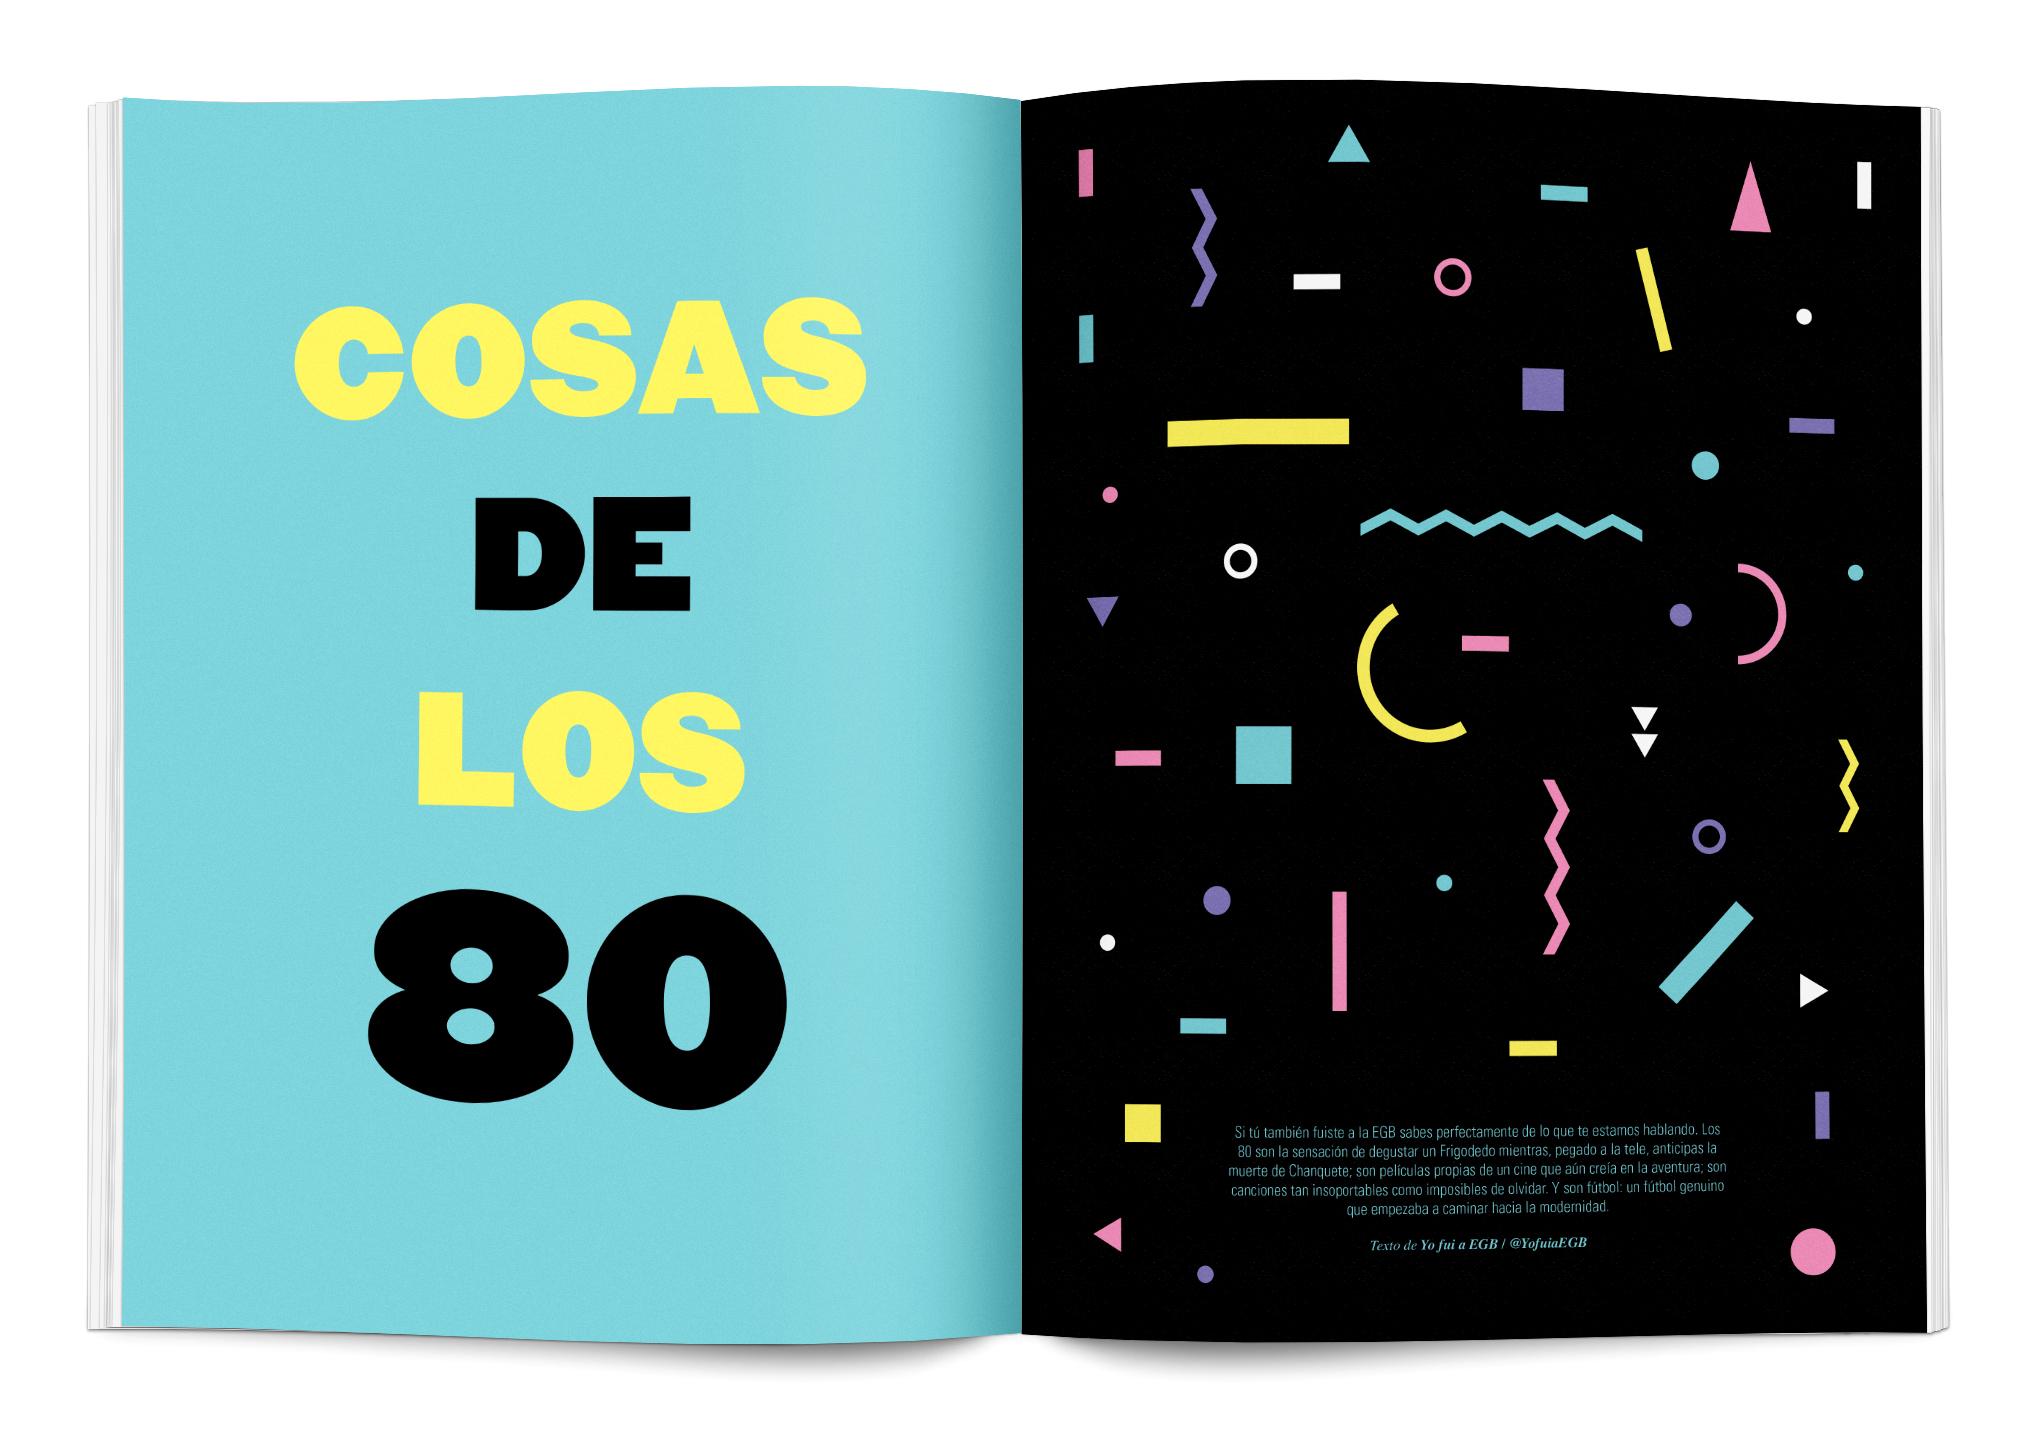 COSAS DE LOS 80